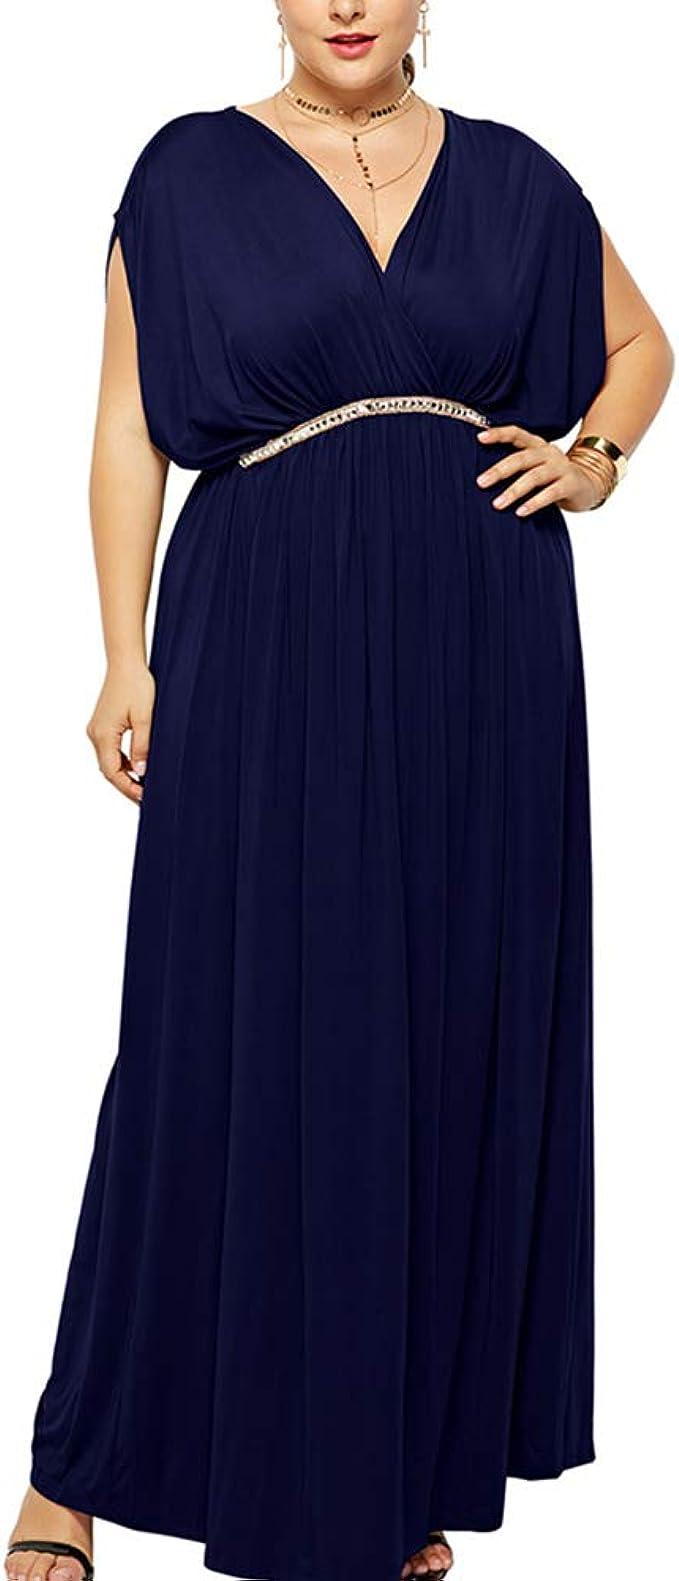 Lover-Beauty Abendkleid Große Größen Kleider A Linie Cocktailkleid